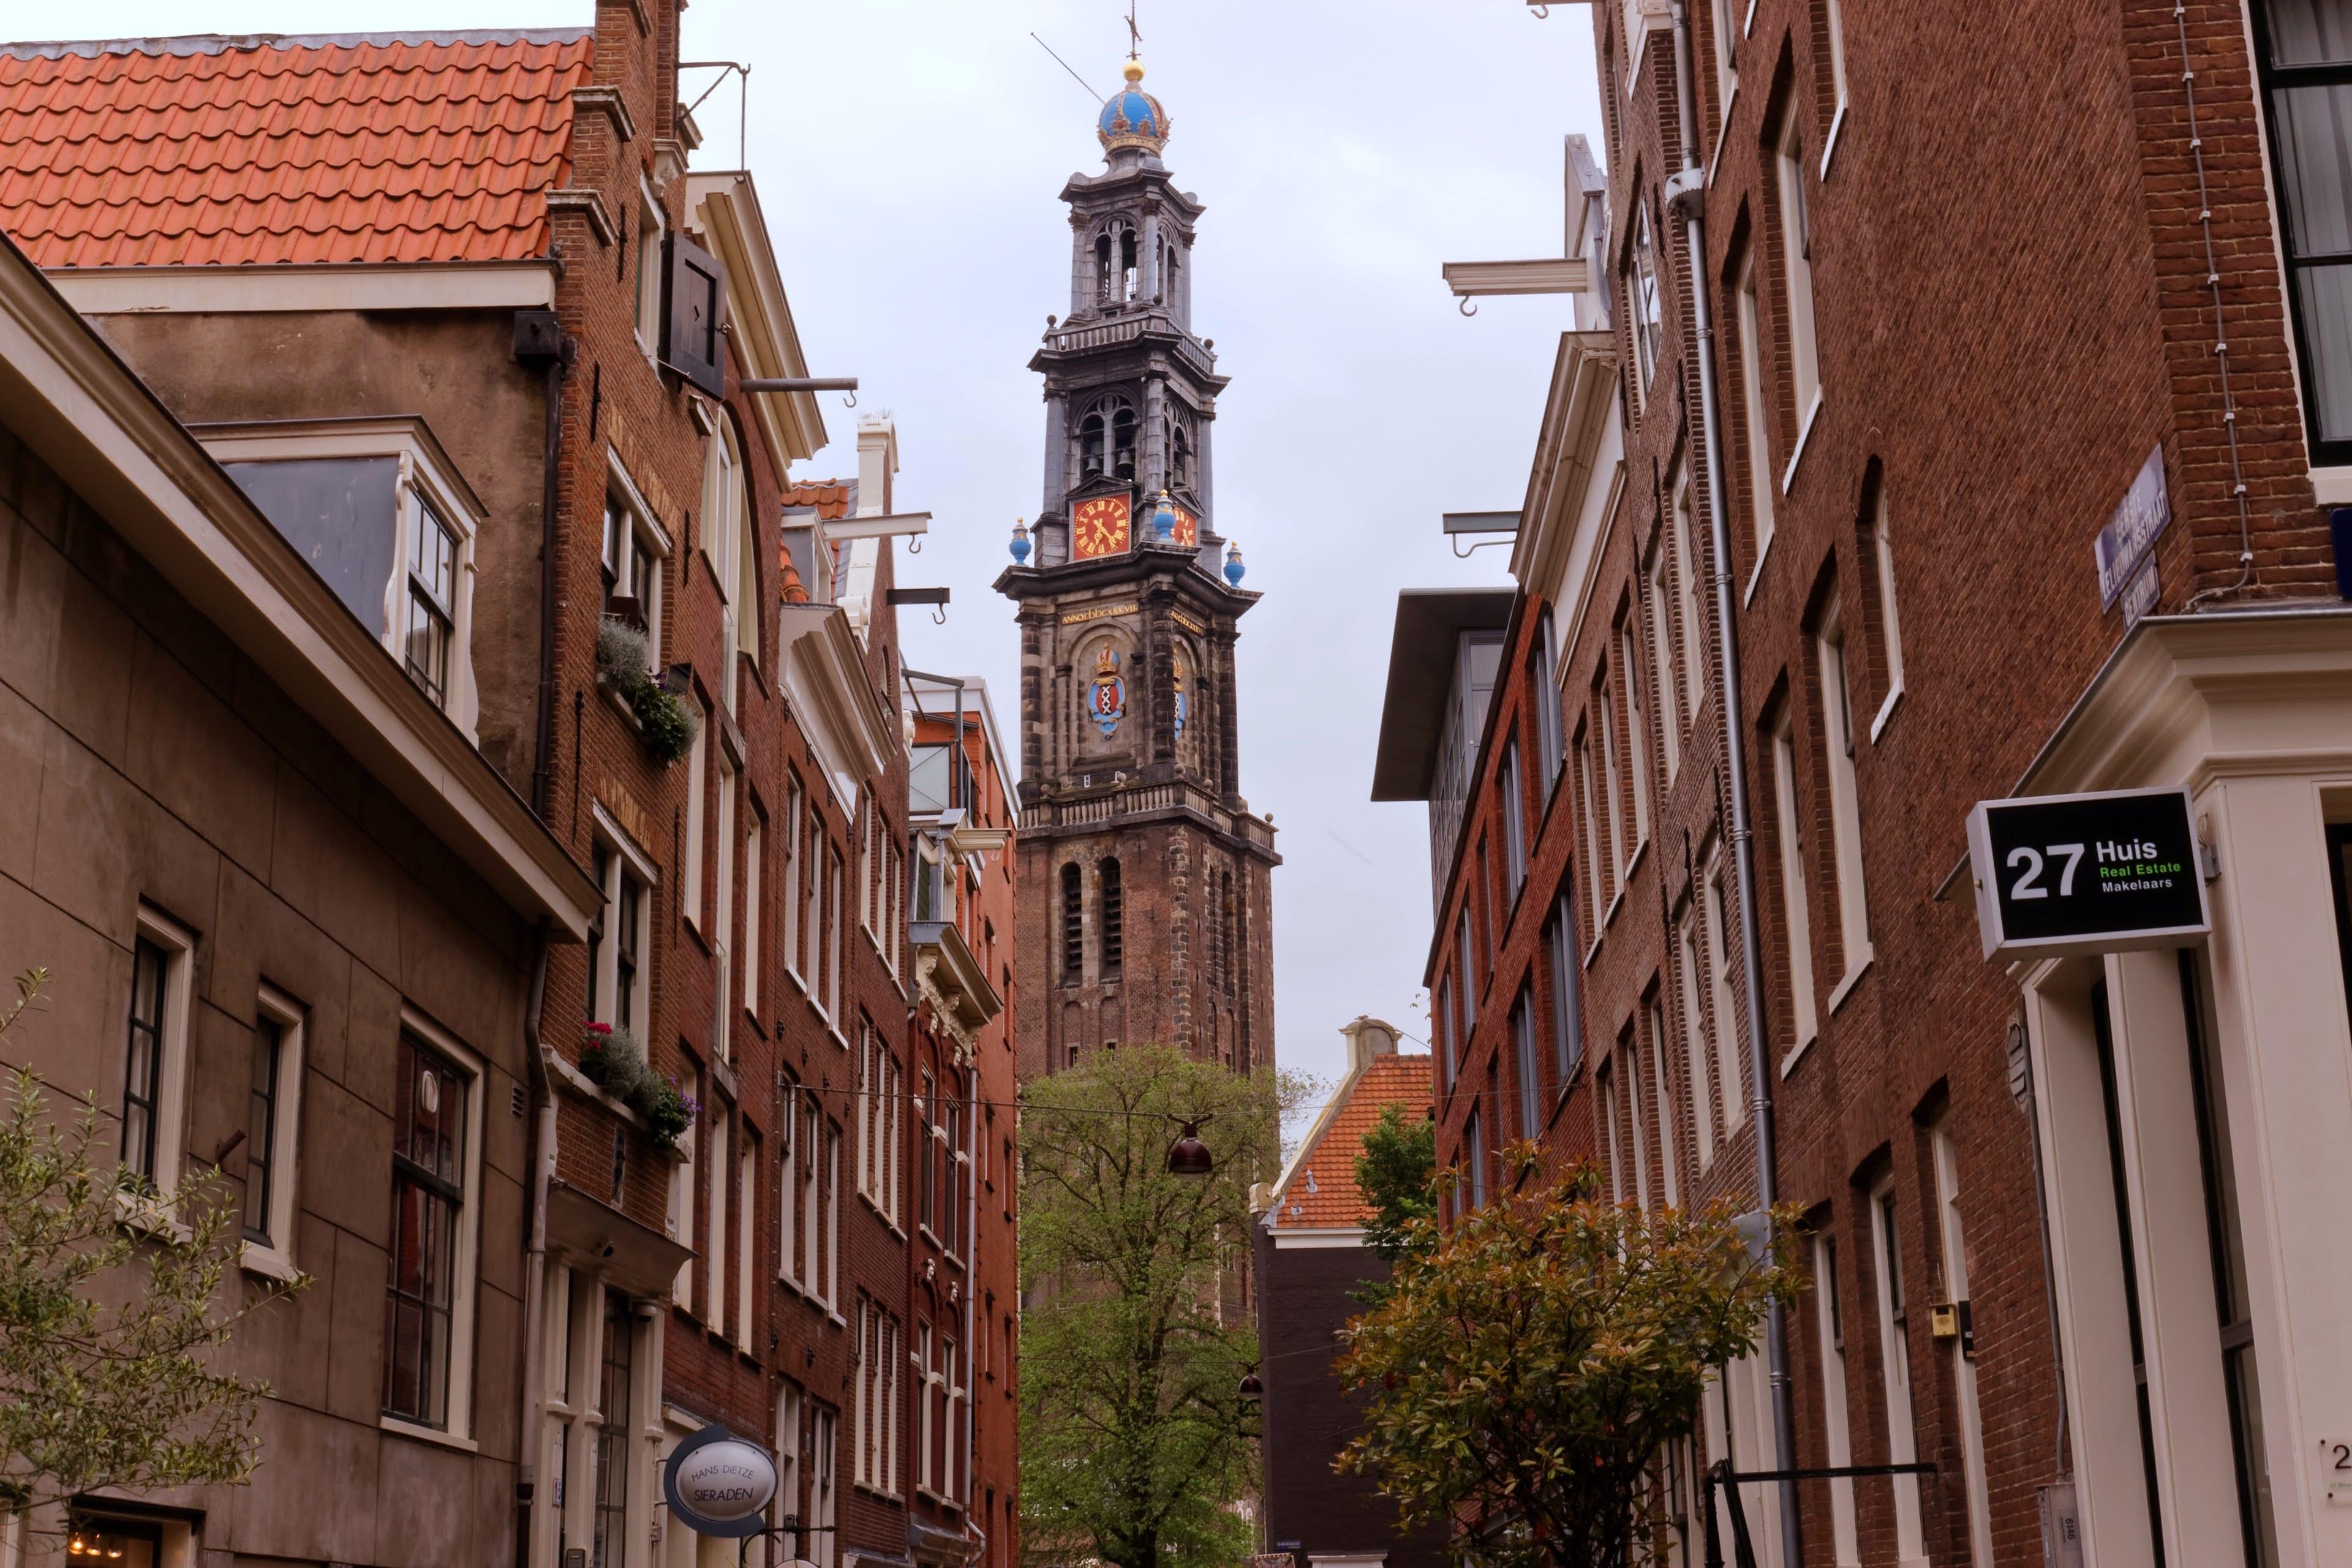 Centrum Amsterdam: The Golden Tulip Hunt image